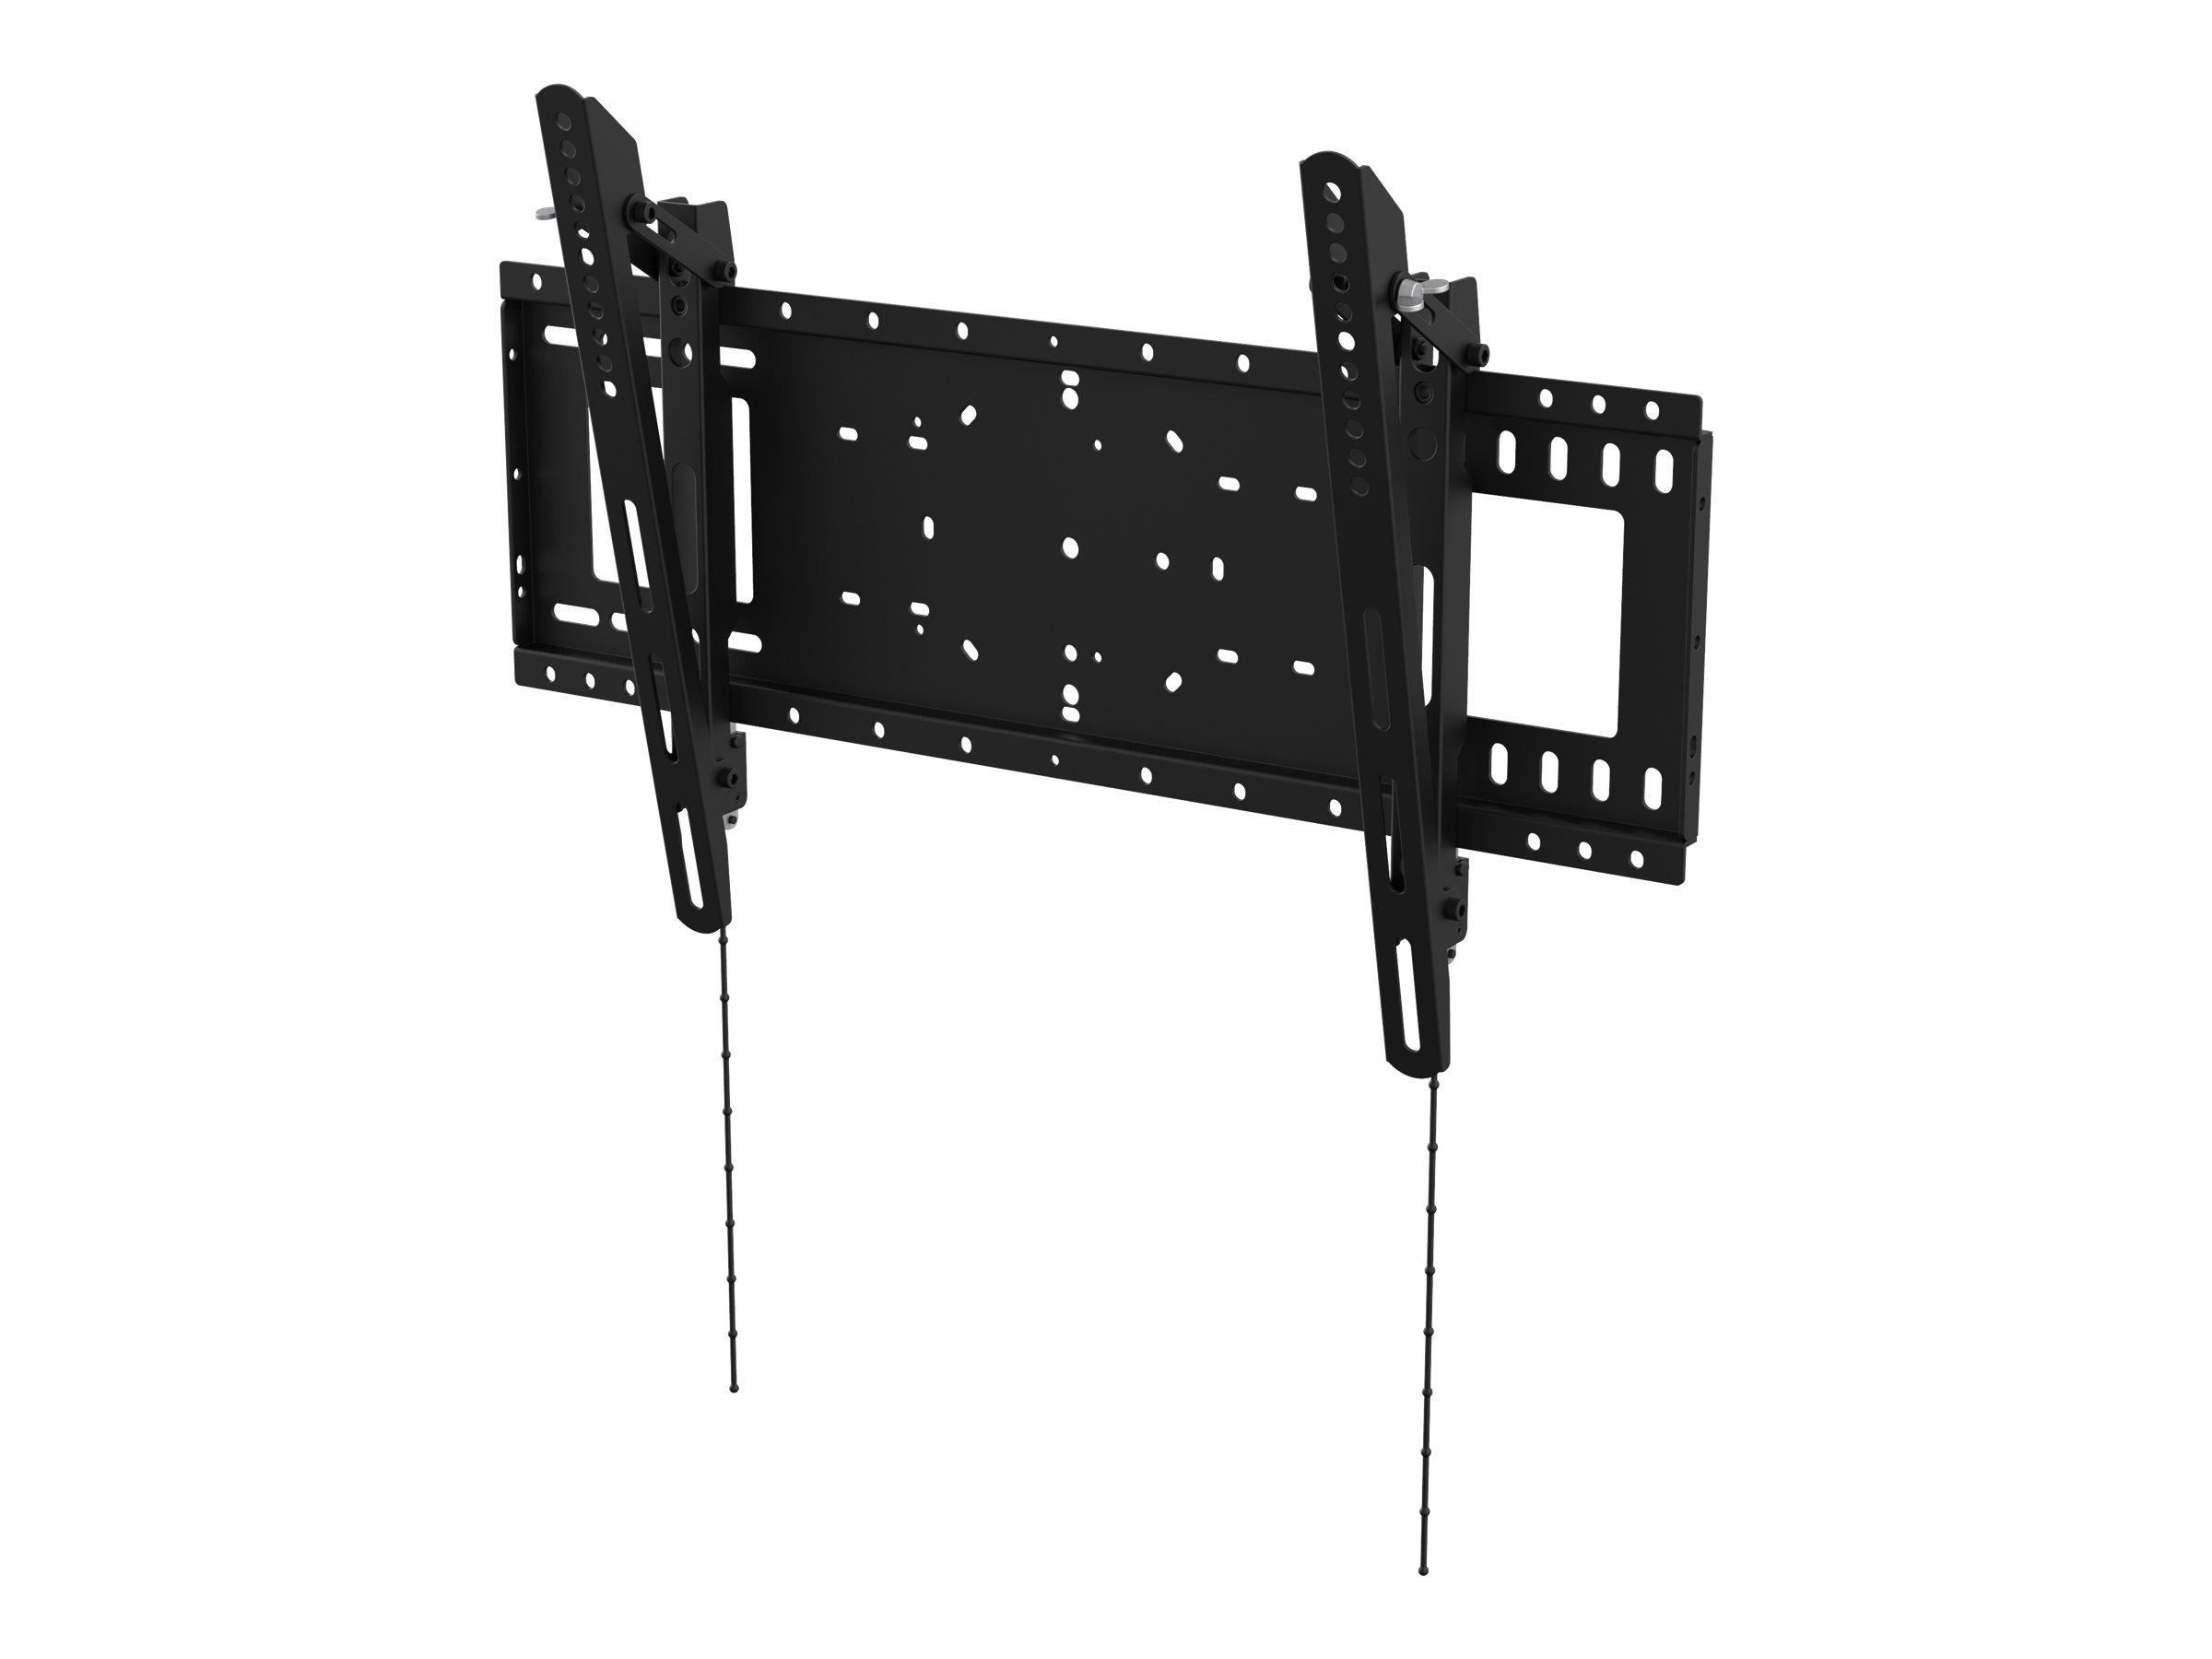 Vision VFM-W6X4T - Wandhalterung für LCD-/Plasmafernseher (neigen) - kaltgewalzter Stahl - Schwarz - Bildschirmgrösse: 94-190.5